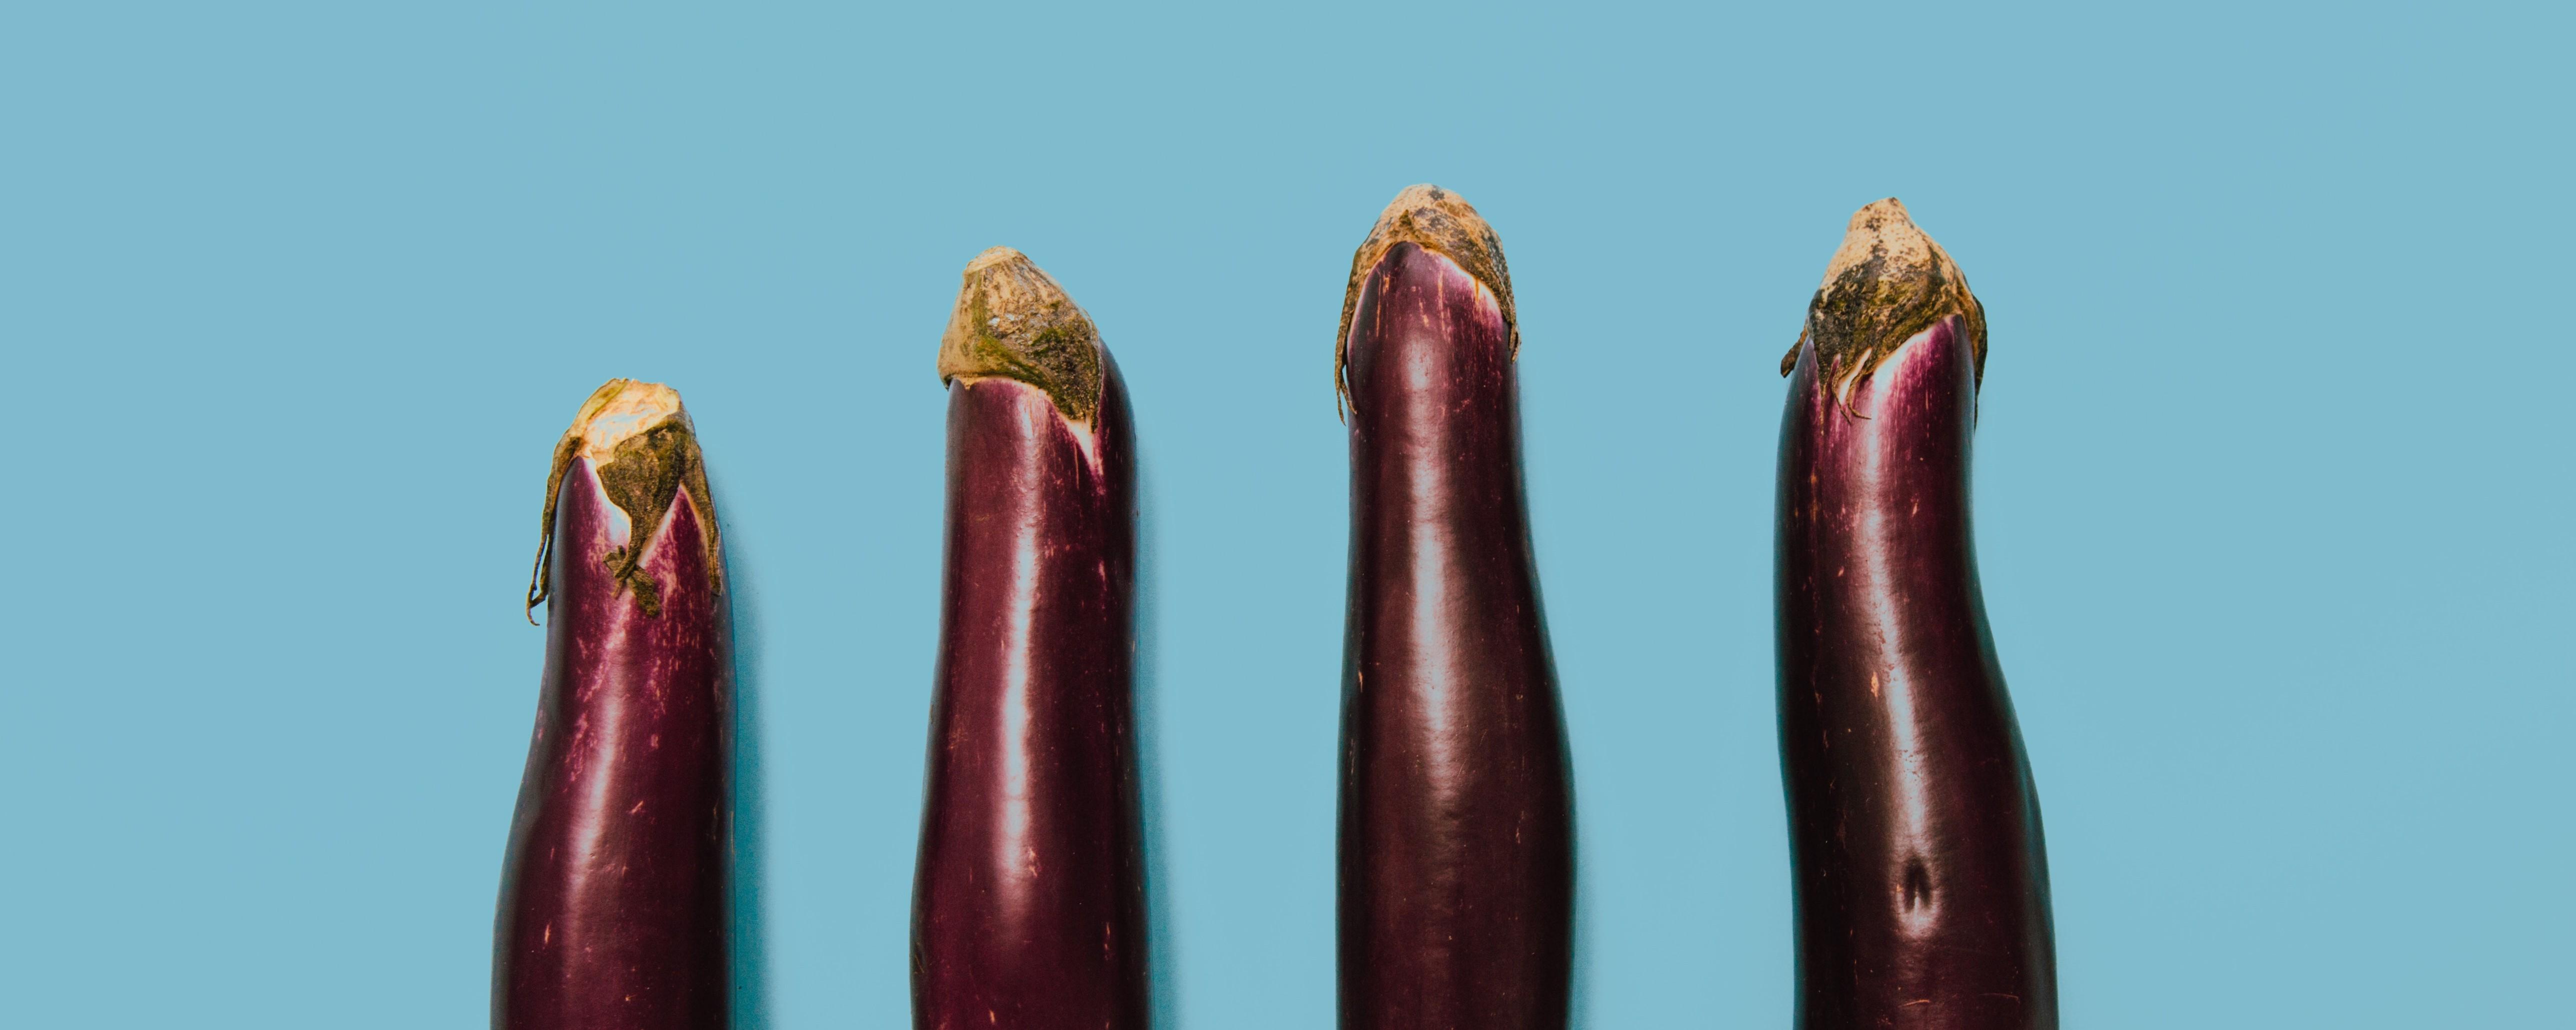 arată dimensiunea medie a penisului chirurgie penis mic